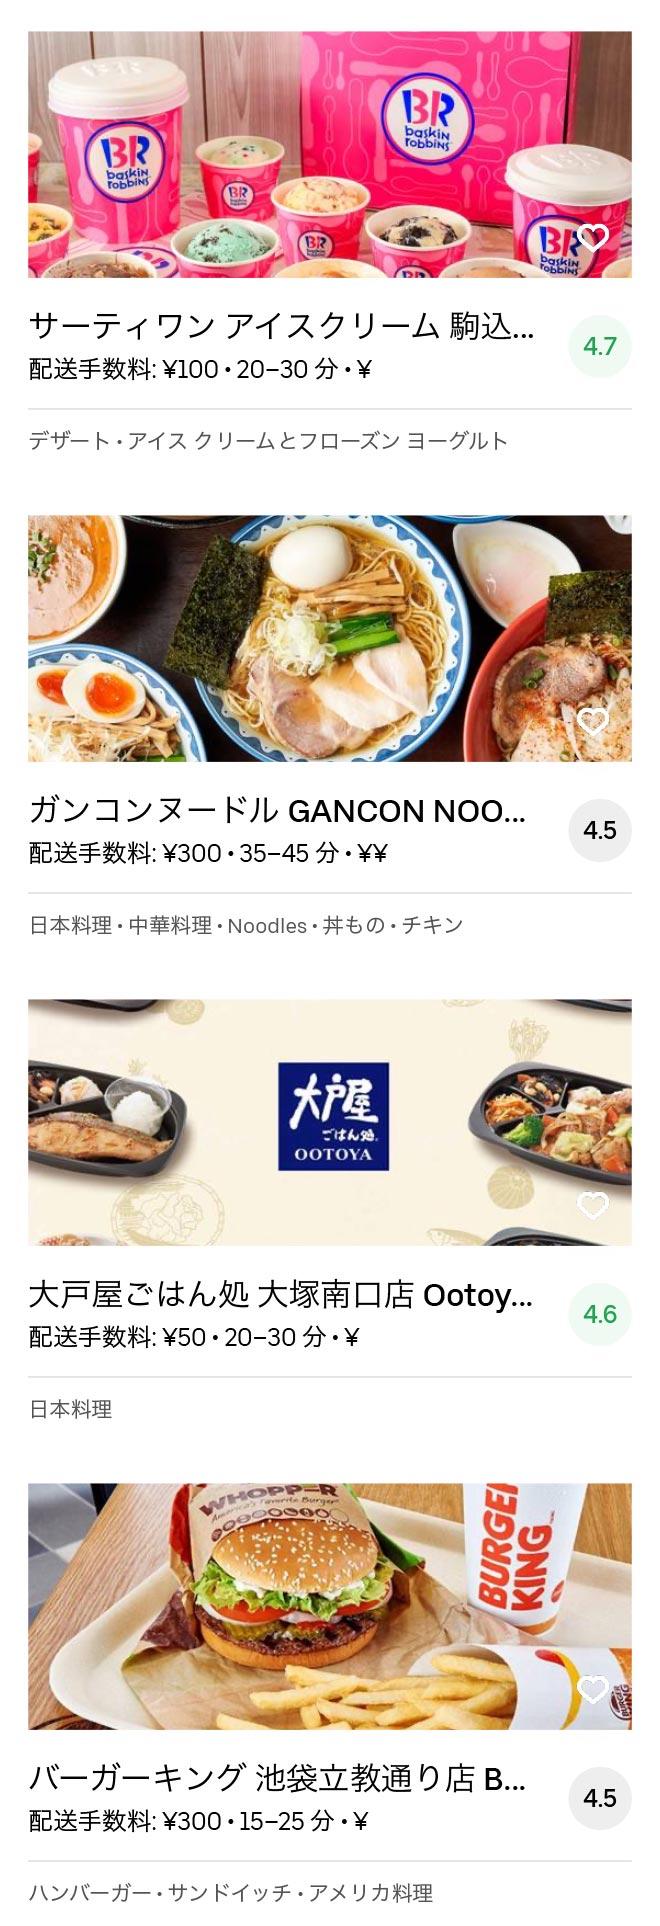 Tokyo otsuka menu 2005 05